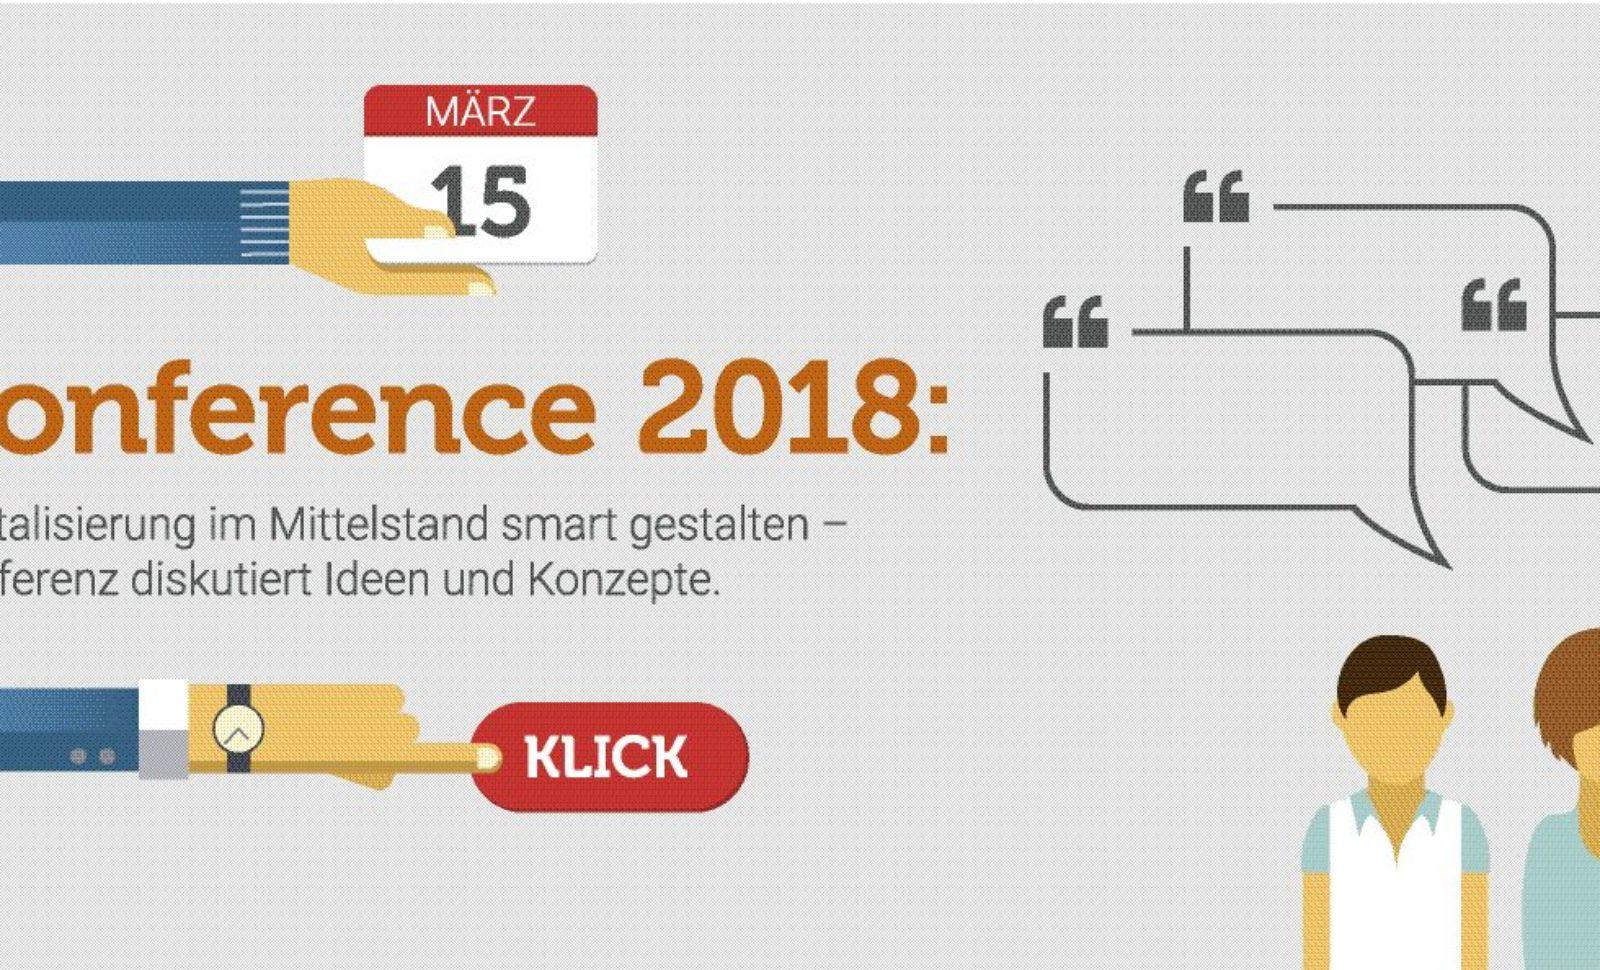 forconference 2018: Digitalisierung im Mittelstand smart gestalten